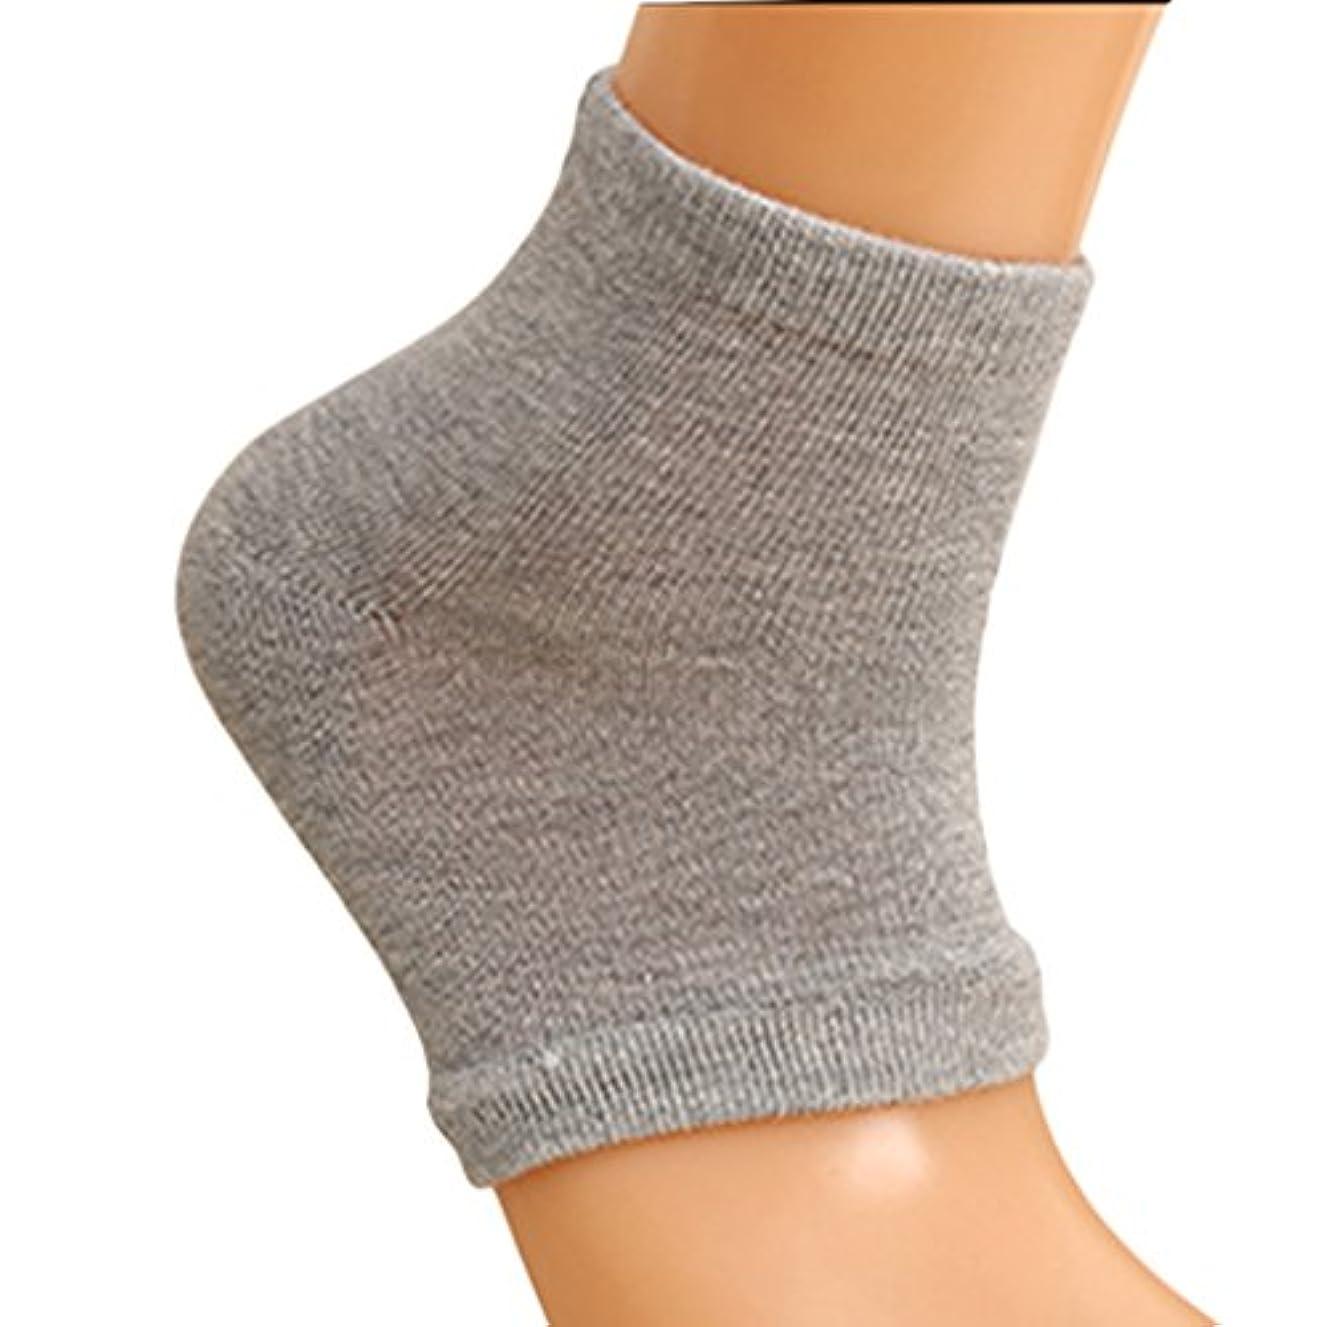 提出するみなす運賃Seliyi 2色組 靴下 ソックス レディース メンズ 靴下 つるつる 靴下 フットケア かかとケア ひび 角質ケア 保湿 角質除去(ピンク+グレー)